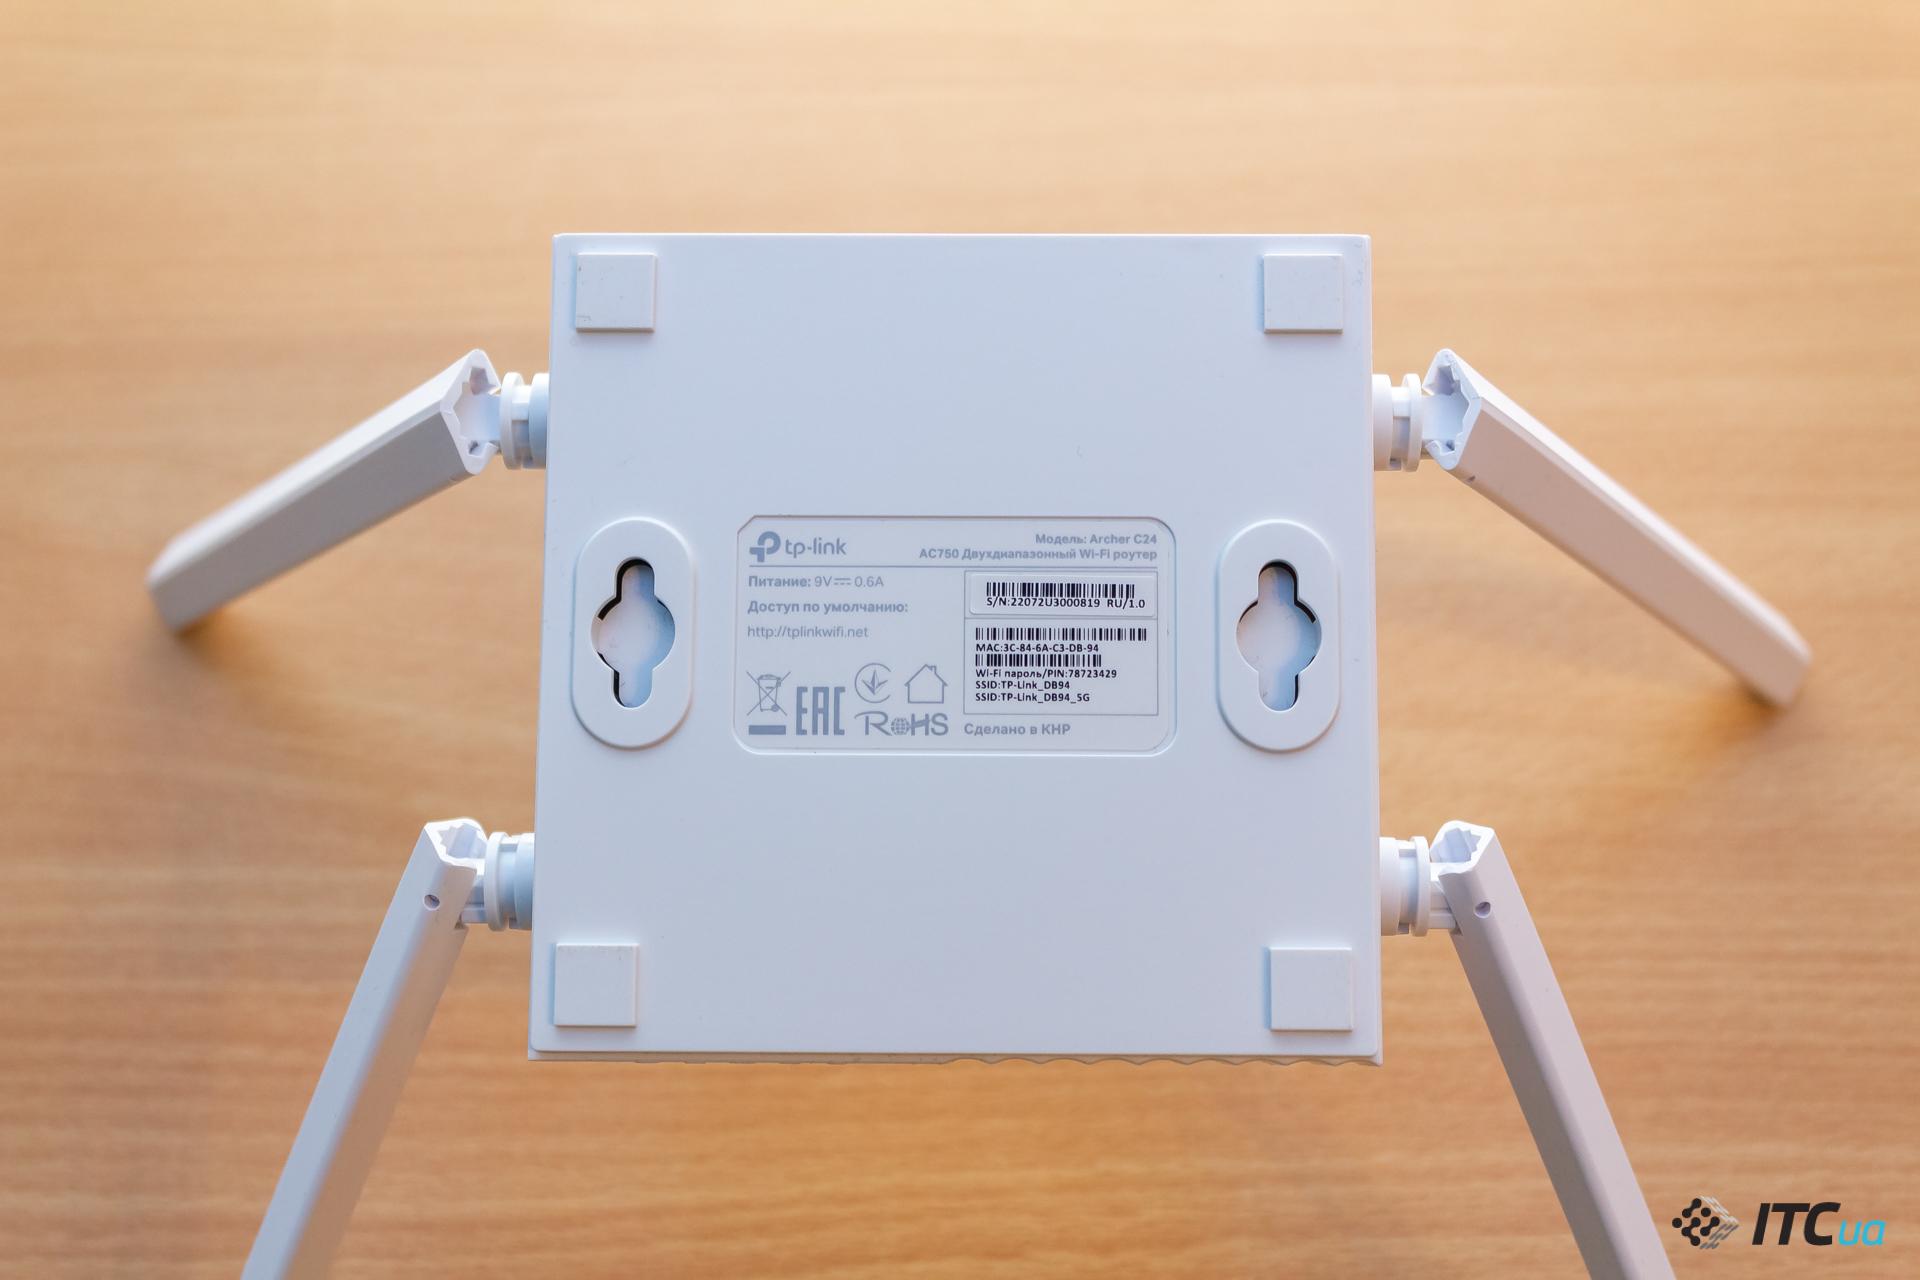 Обзор роутера TP-Link Archer C24